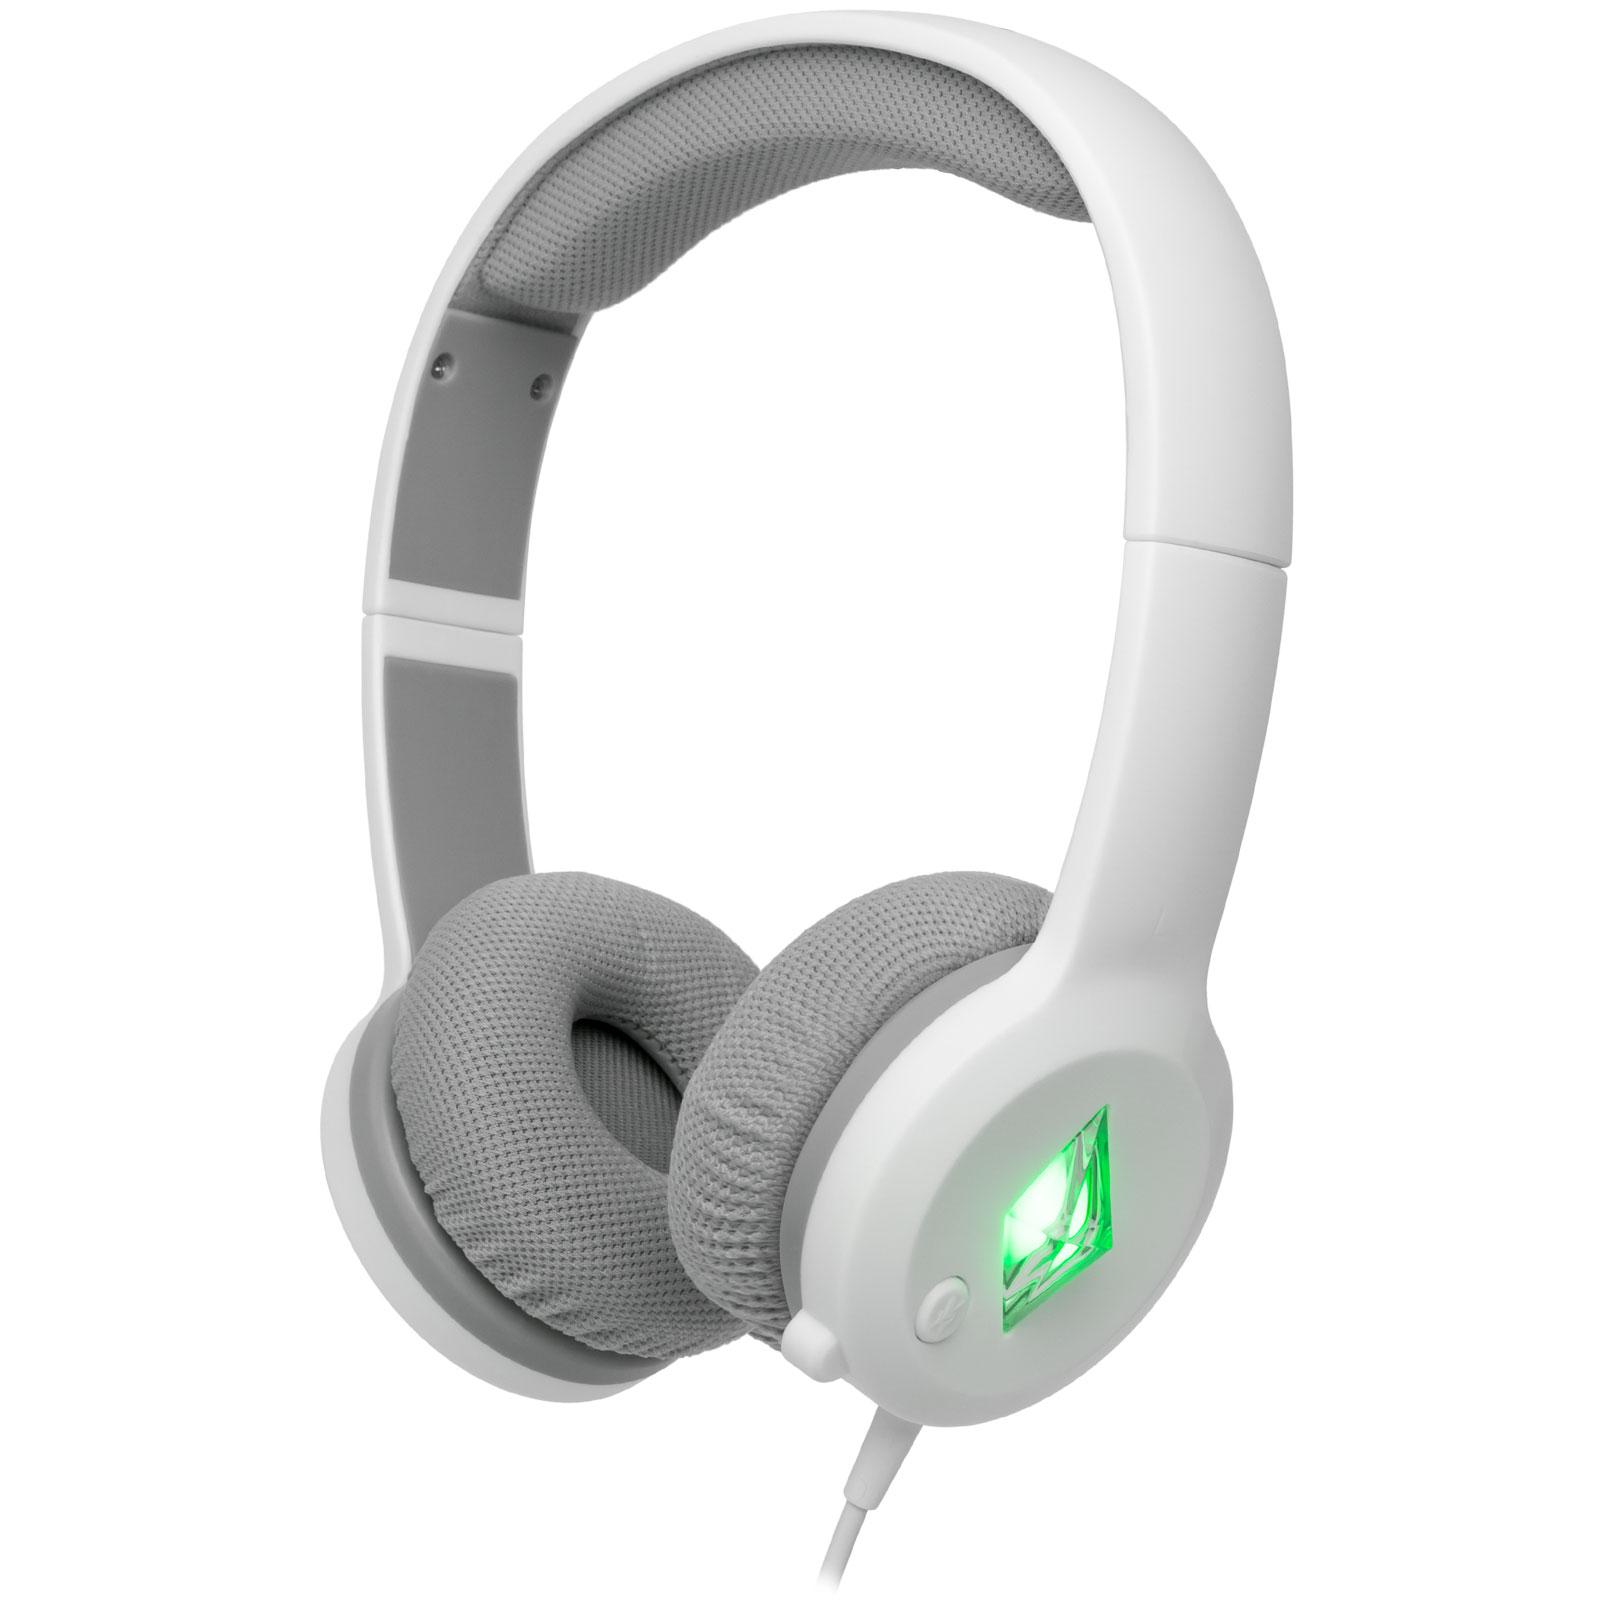 Micro-casque SteelSeries The Sims 4 Gaming Headset Casque gaming sous licence officielle - supra-aural fermé - son Stéréo 2.0 - microphone omnidirectionnel invisible - rétroéclairage auto-géré par le jeu - USB